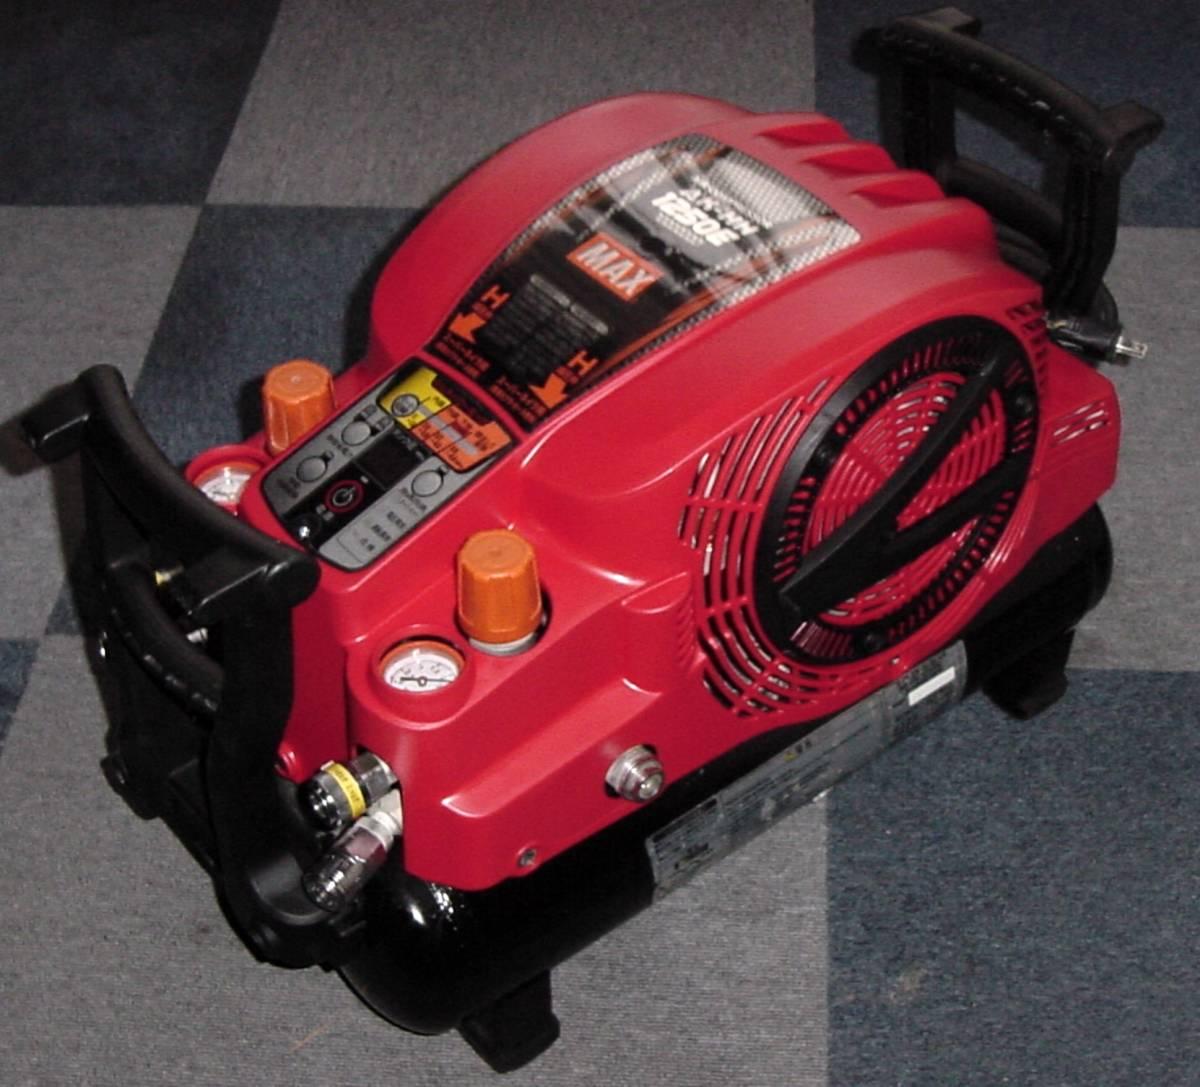 3ヶ月間保障付 MAXス-パーエアコンプレッサ AK-HH1250E  ③  満タン早い  静か 4口共高圧仕様 増設カプラ付